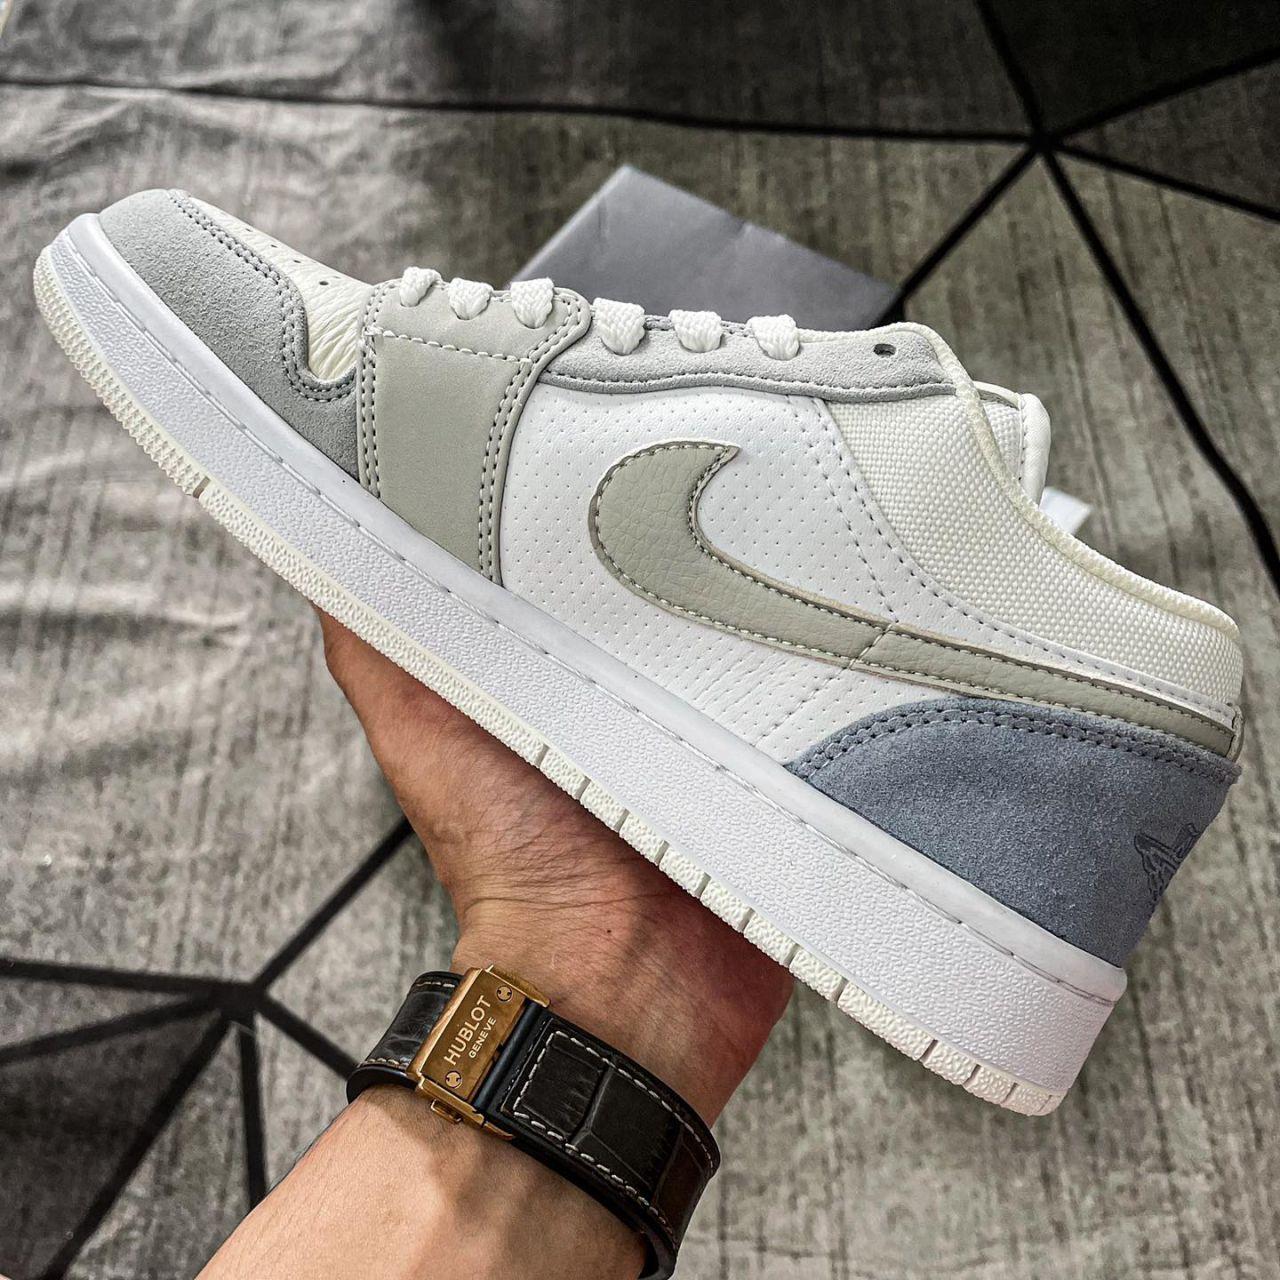 Nike Air Jordan 1 Low Paris like auth